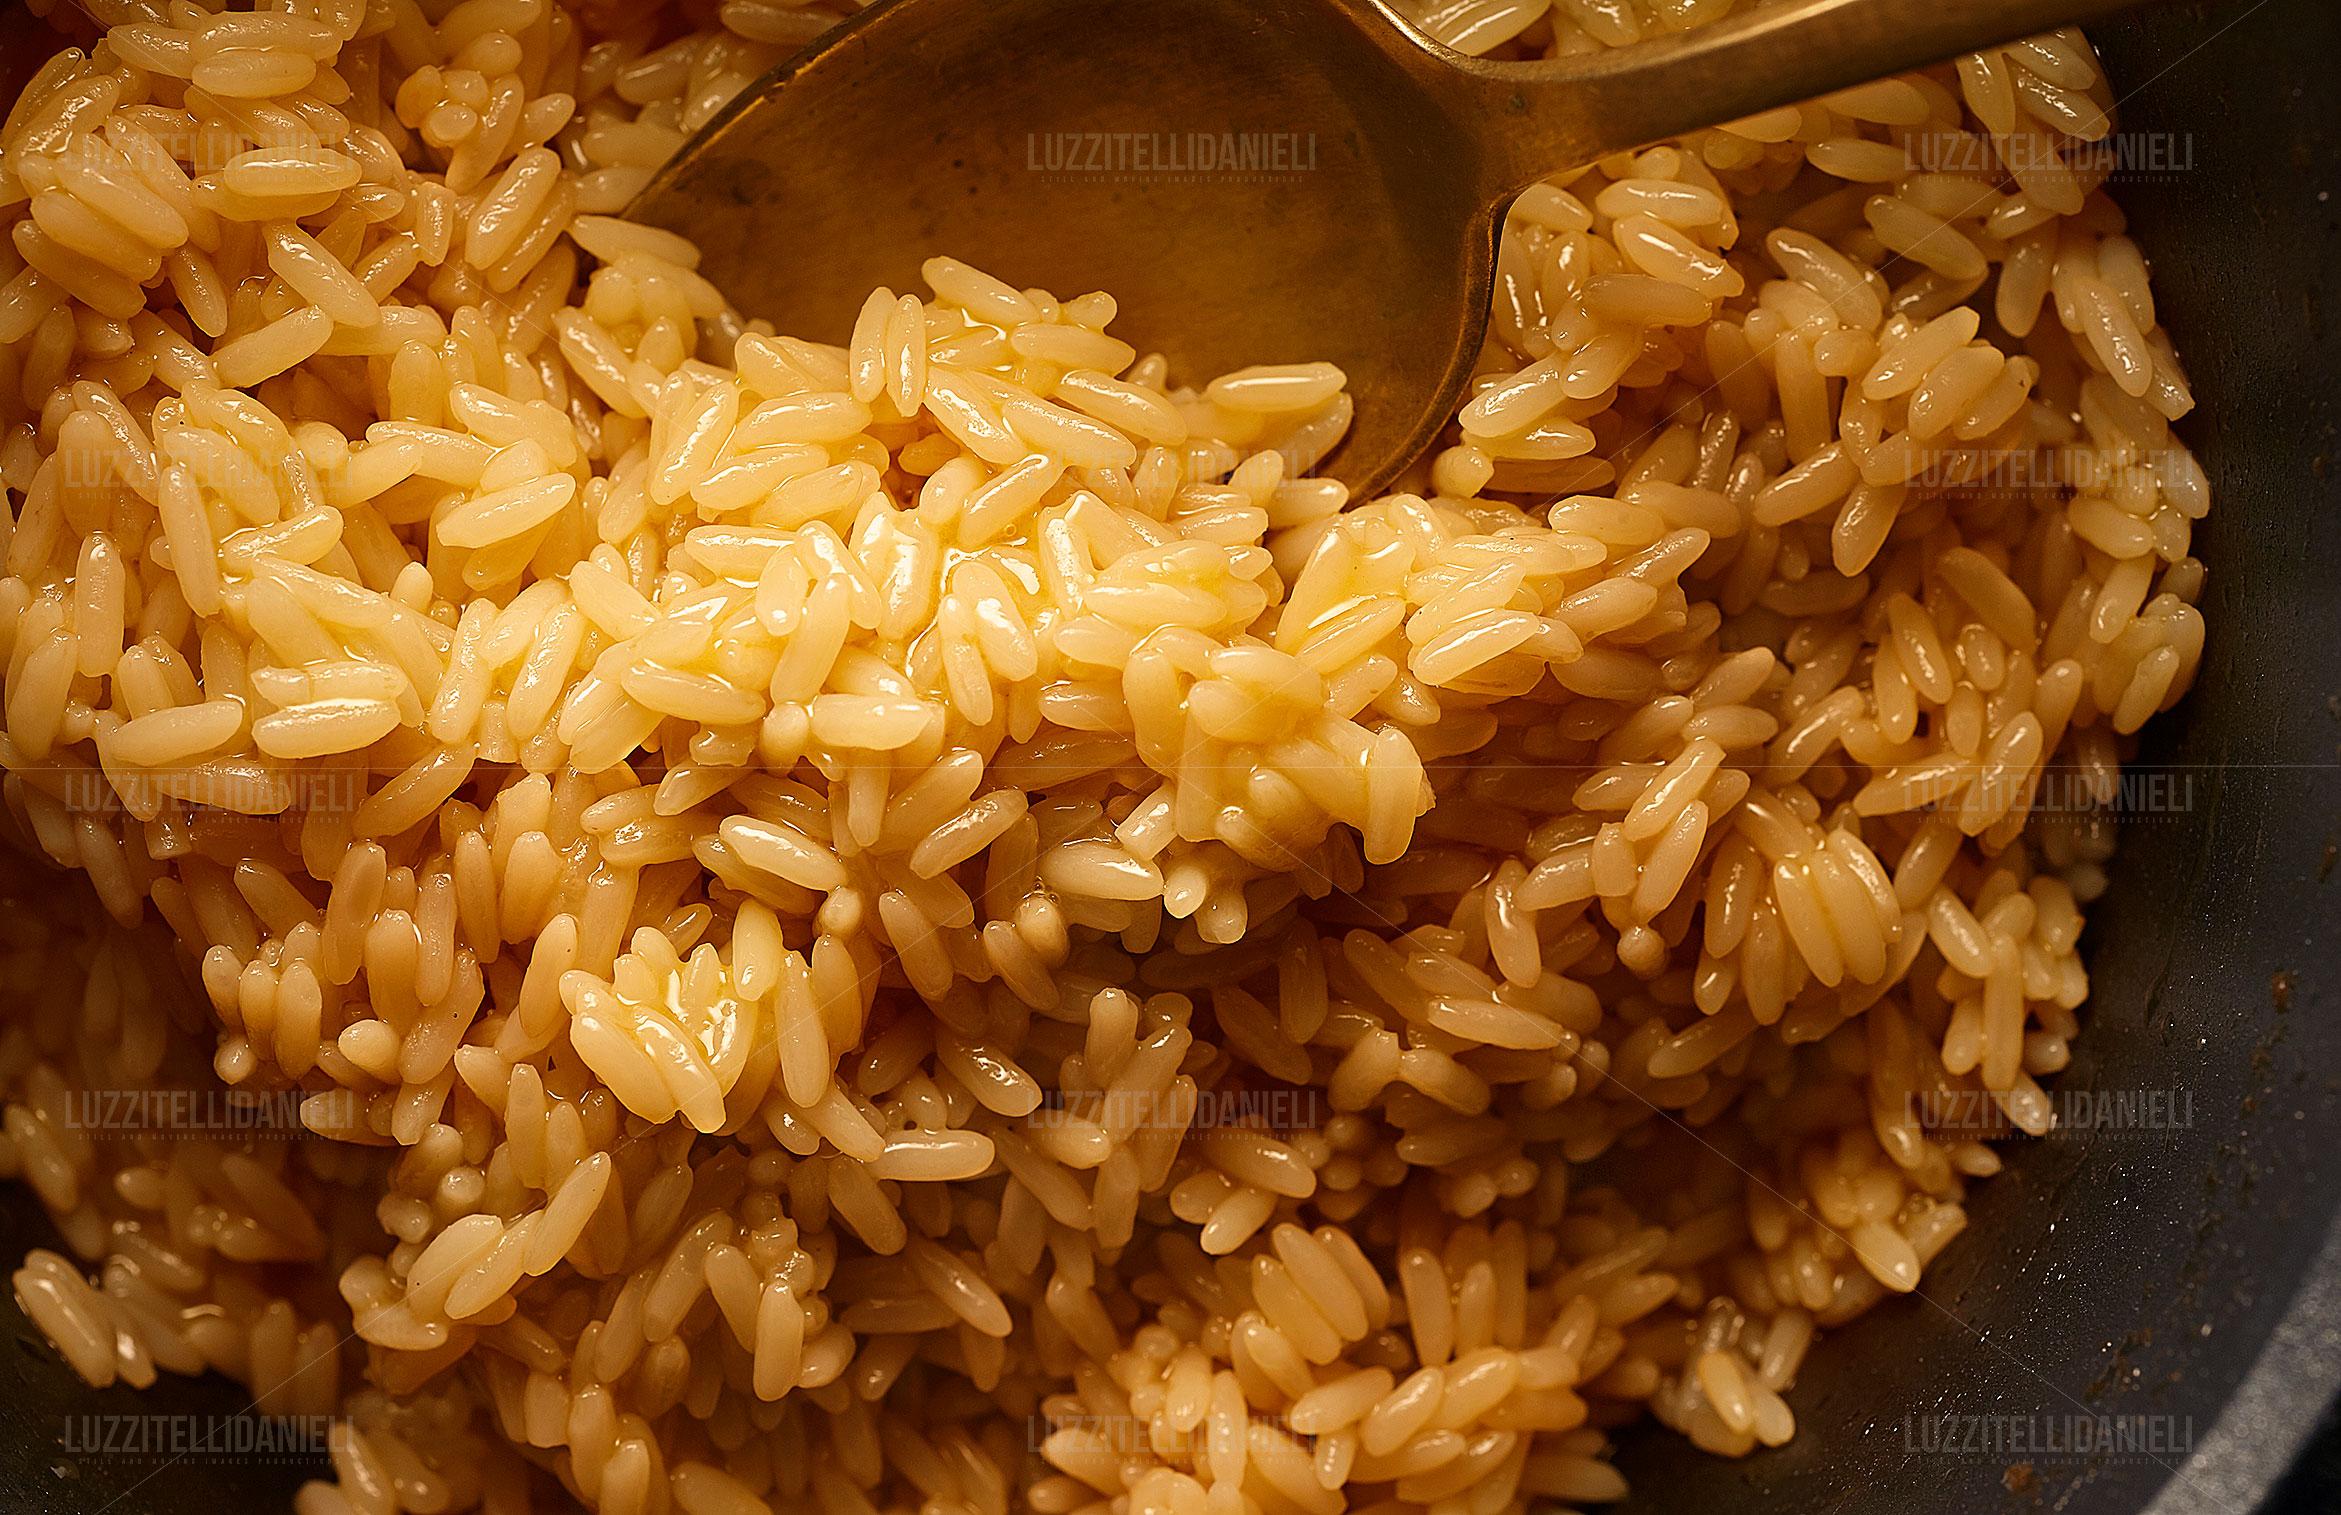 risotto con cucchiaio - rice with spoon